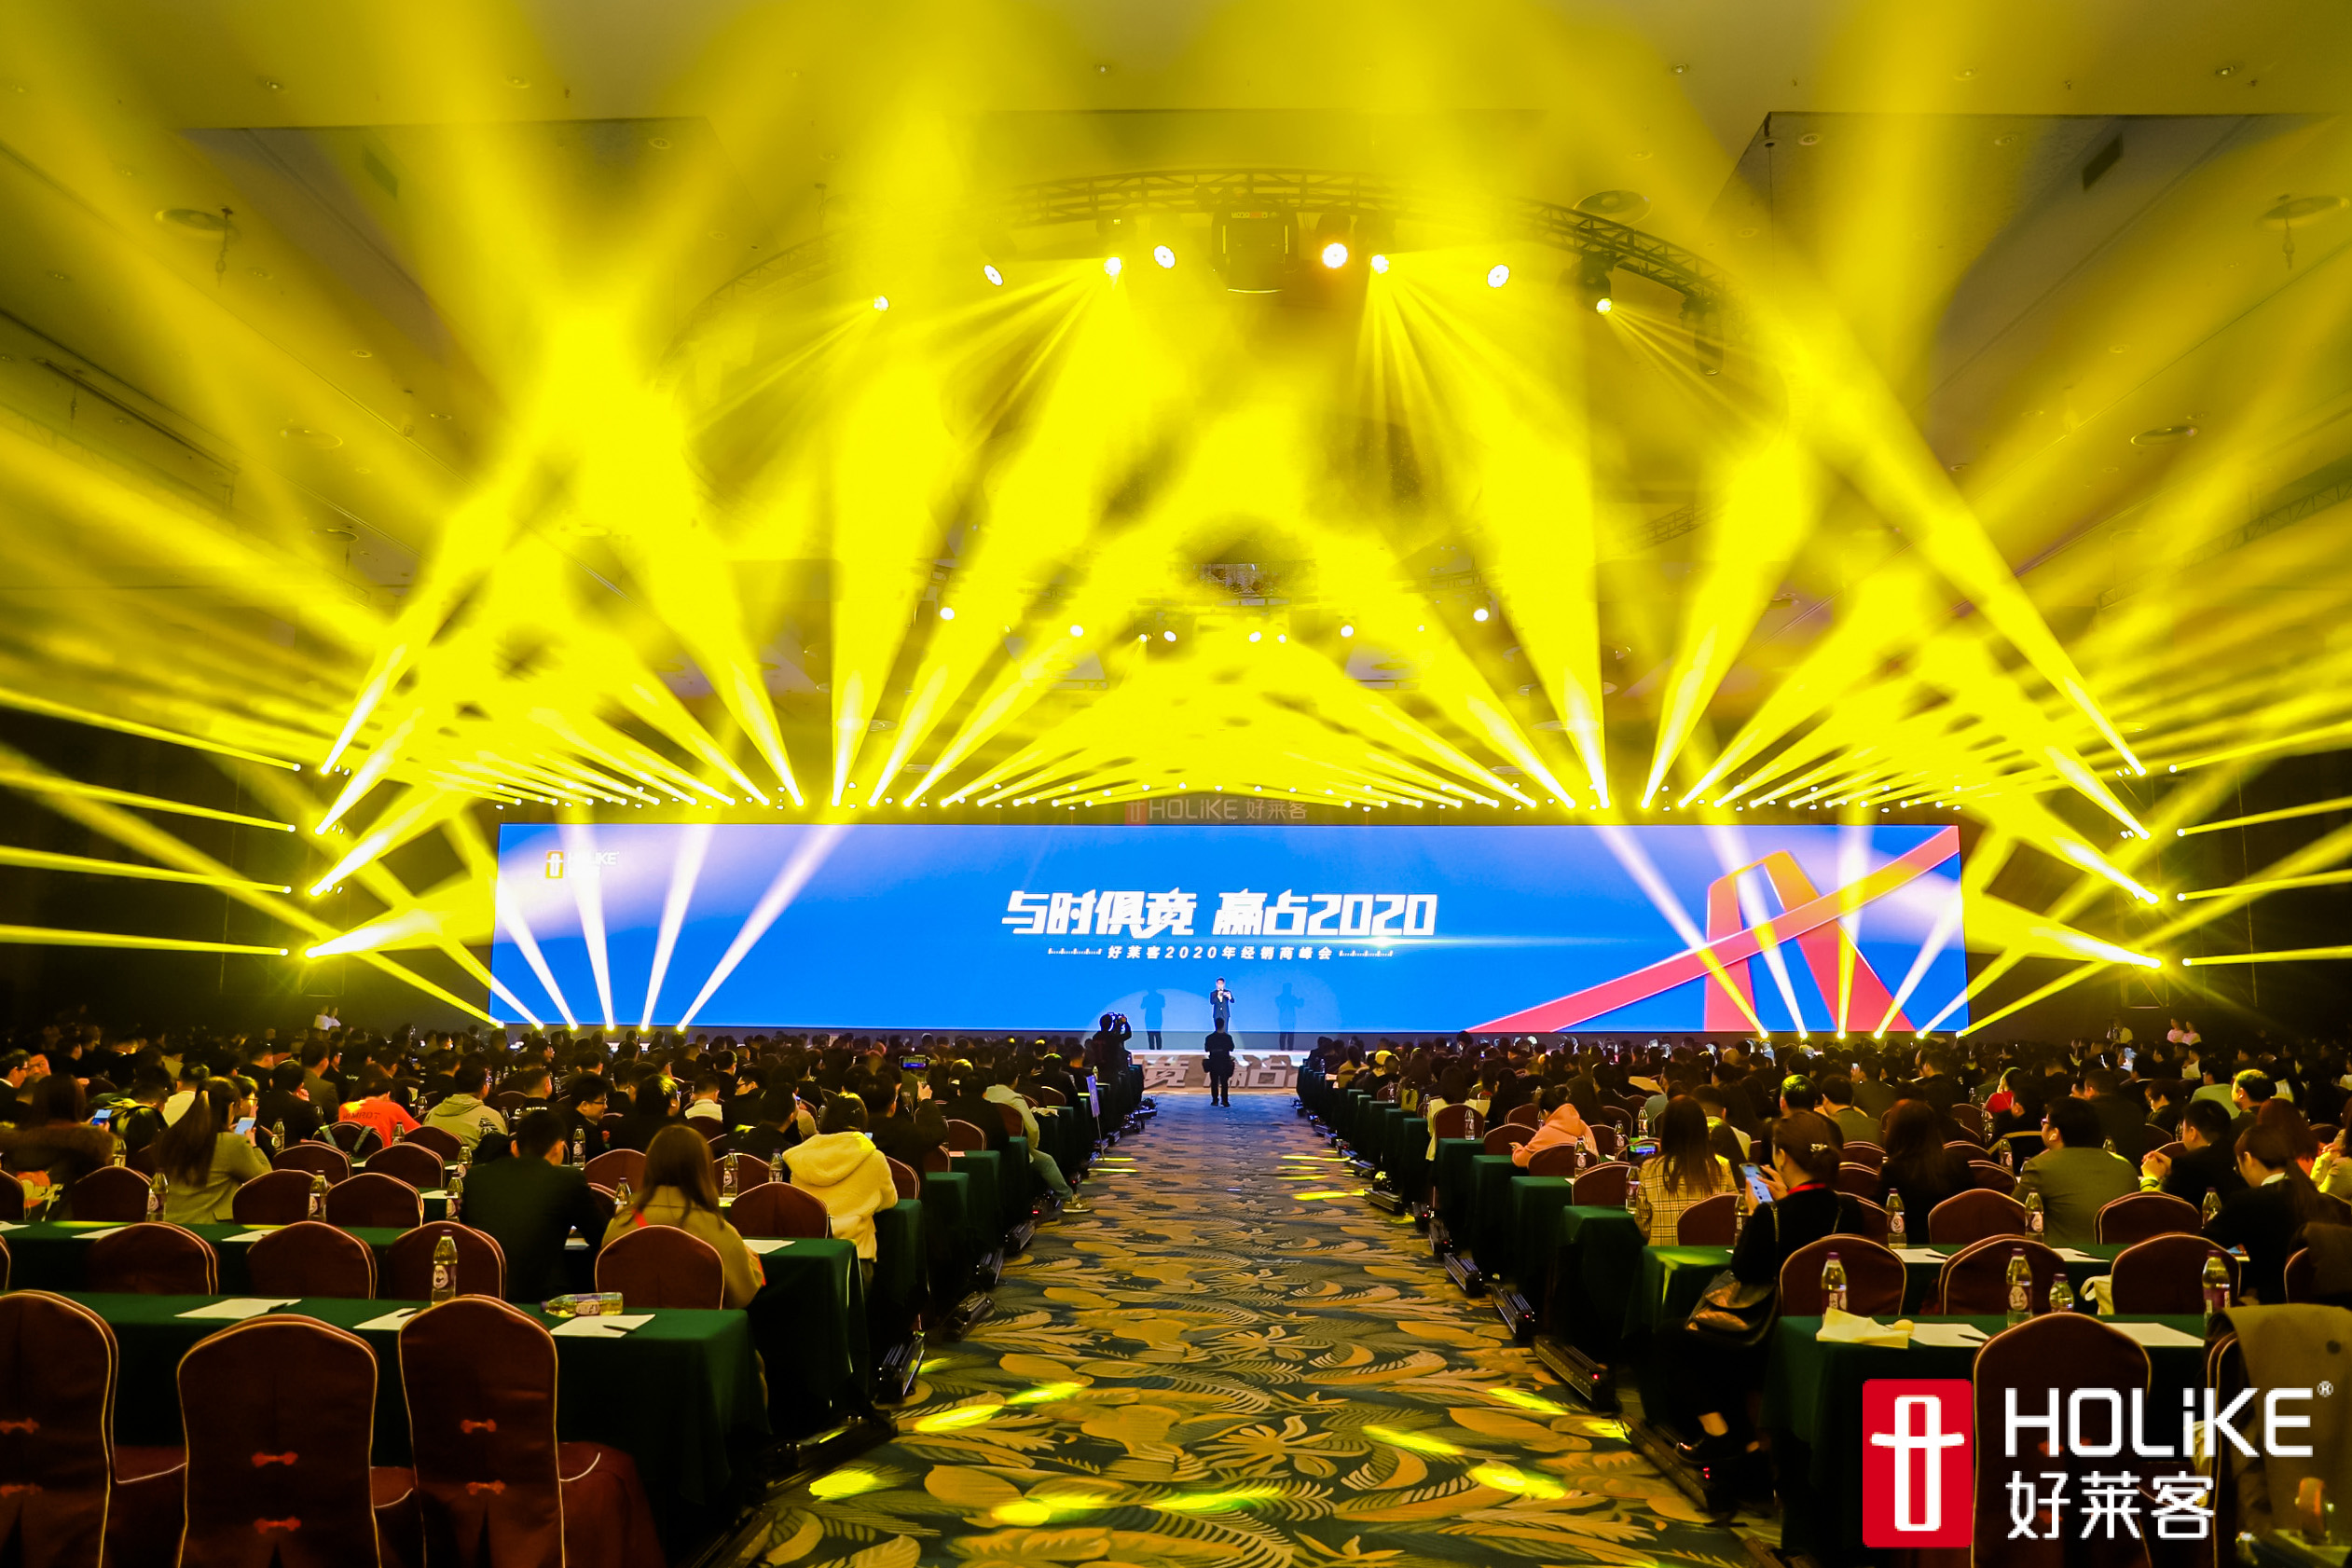 【资讯】与时俱竞,赢占未来――好莱客2020年经销商峰会圆满落幕